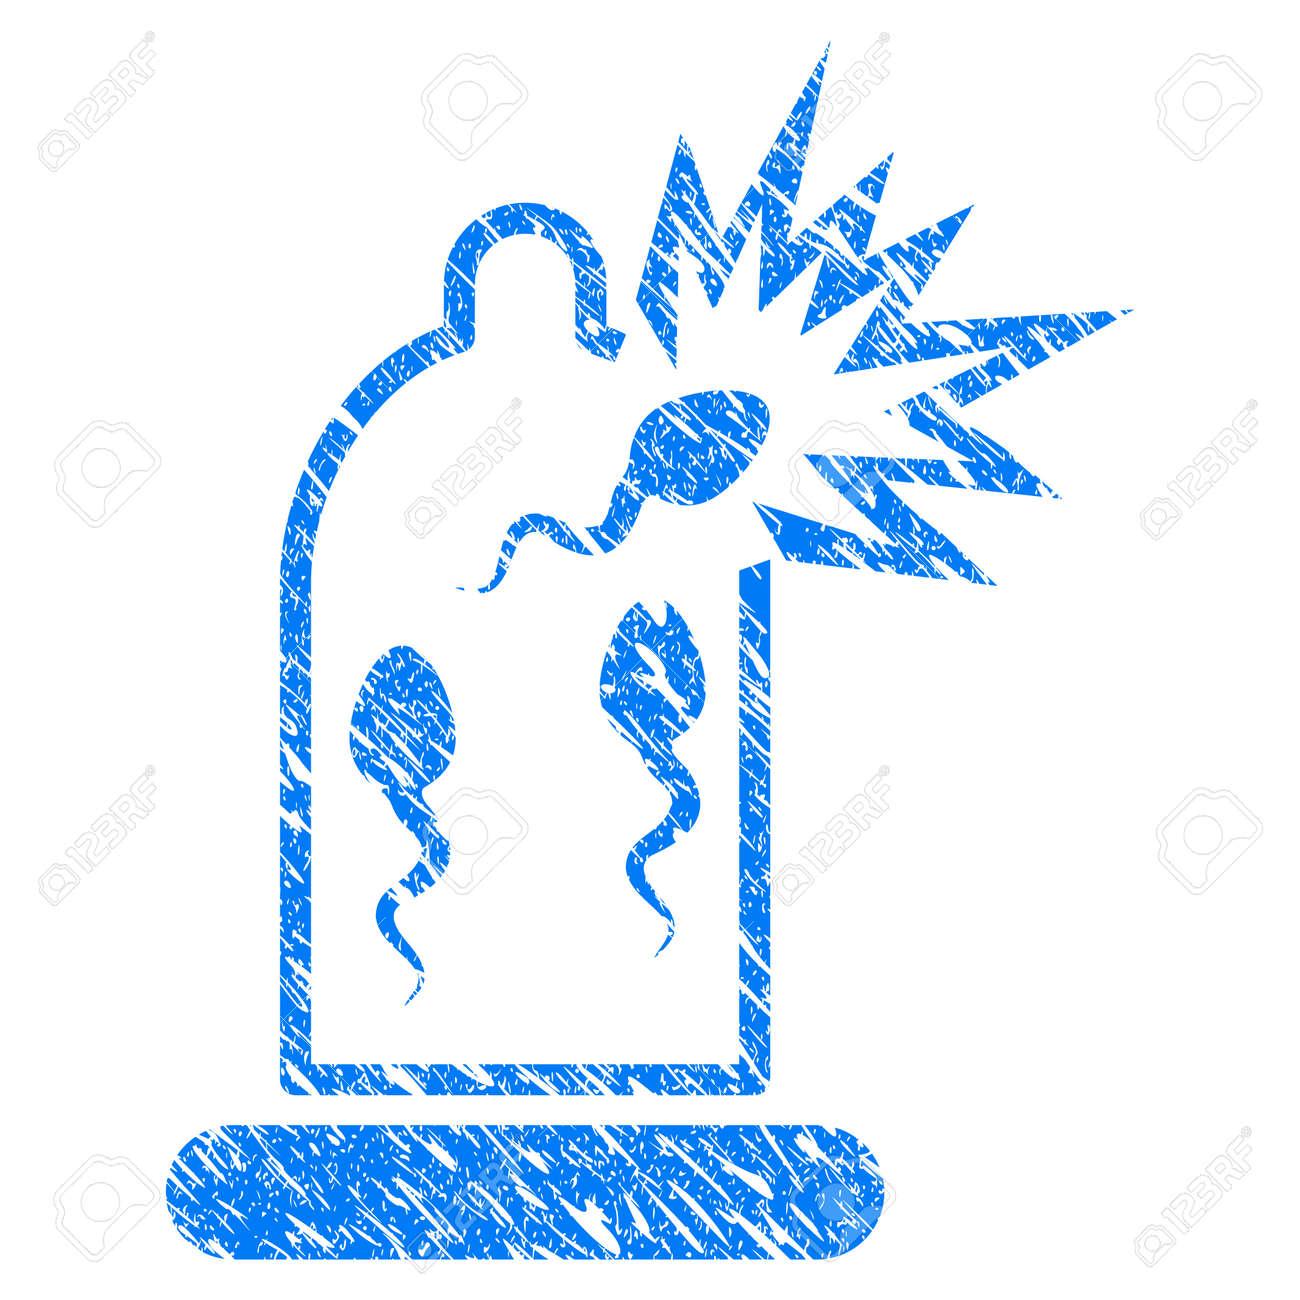 Icone De Dommages De Sperme De Preservatif Grunge Avec Design Grunge Et Texture Sale Pictogramme Bleu Raster Sale Pour Les Imitations Et Les Filigranes De Tampon En Caoutchouc Symbole Du Projet De